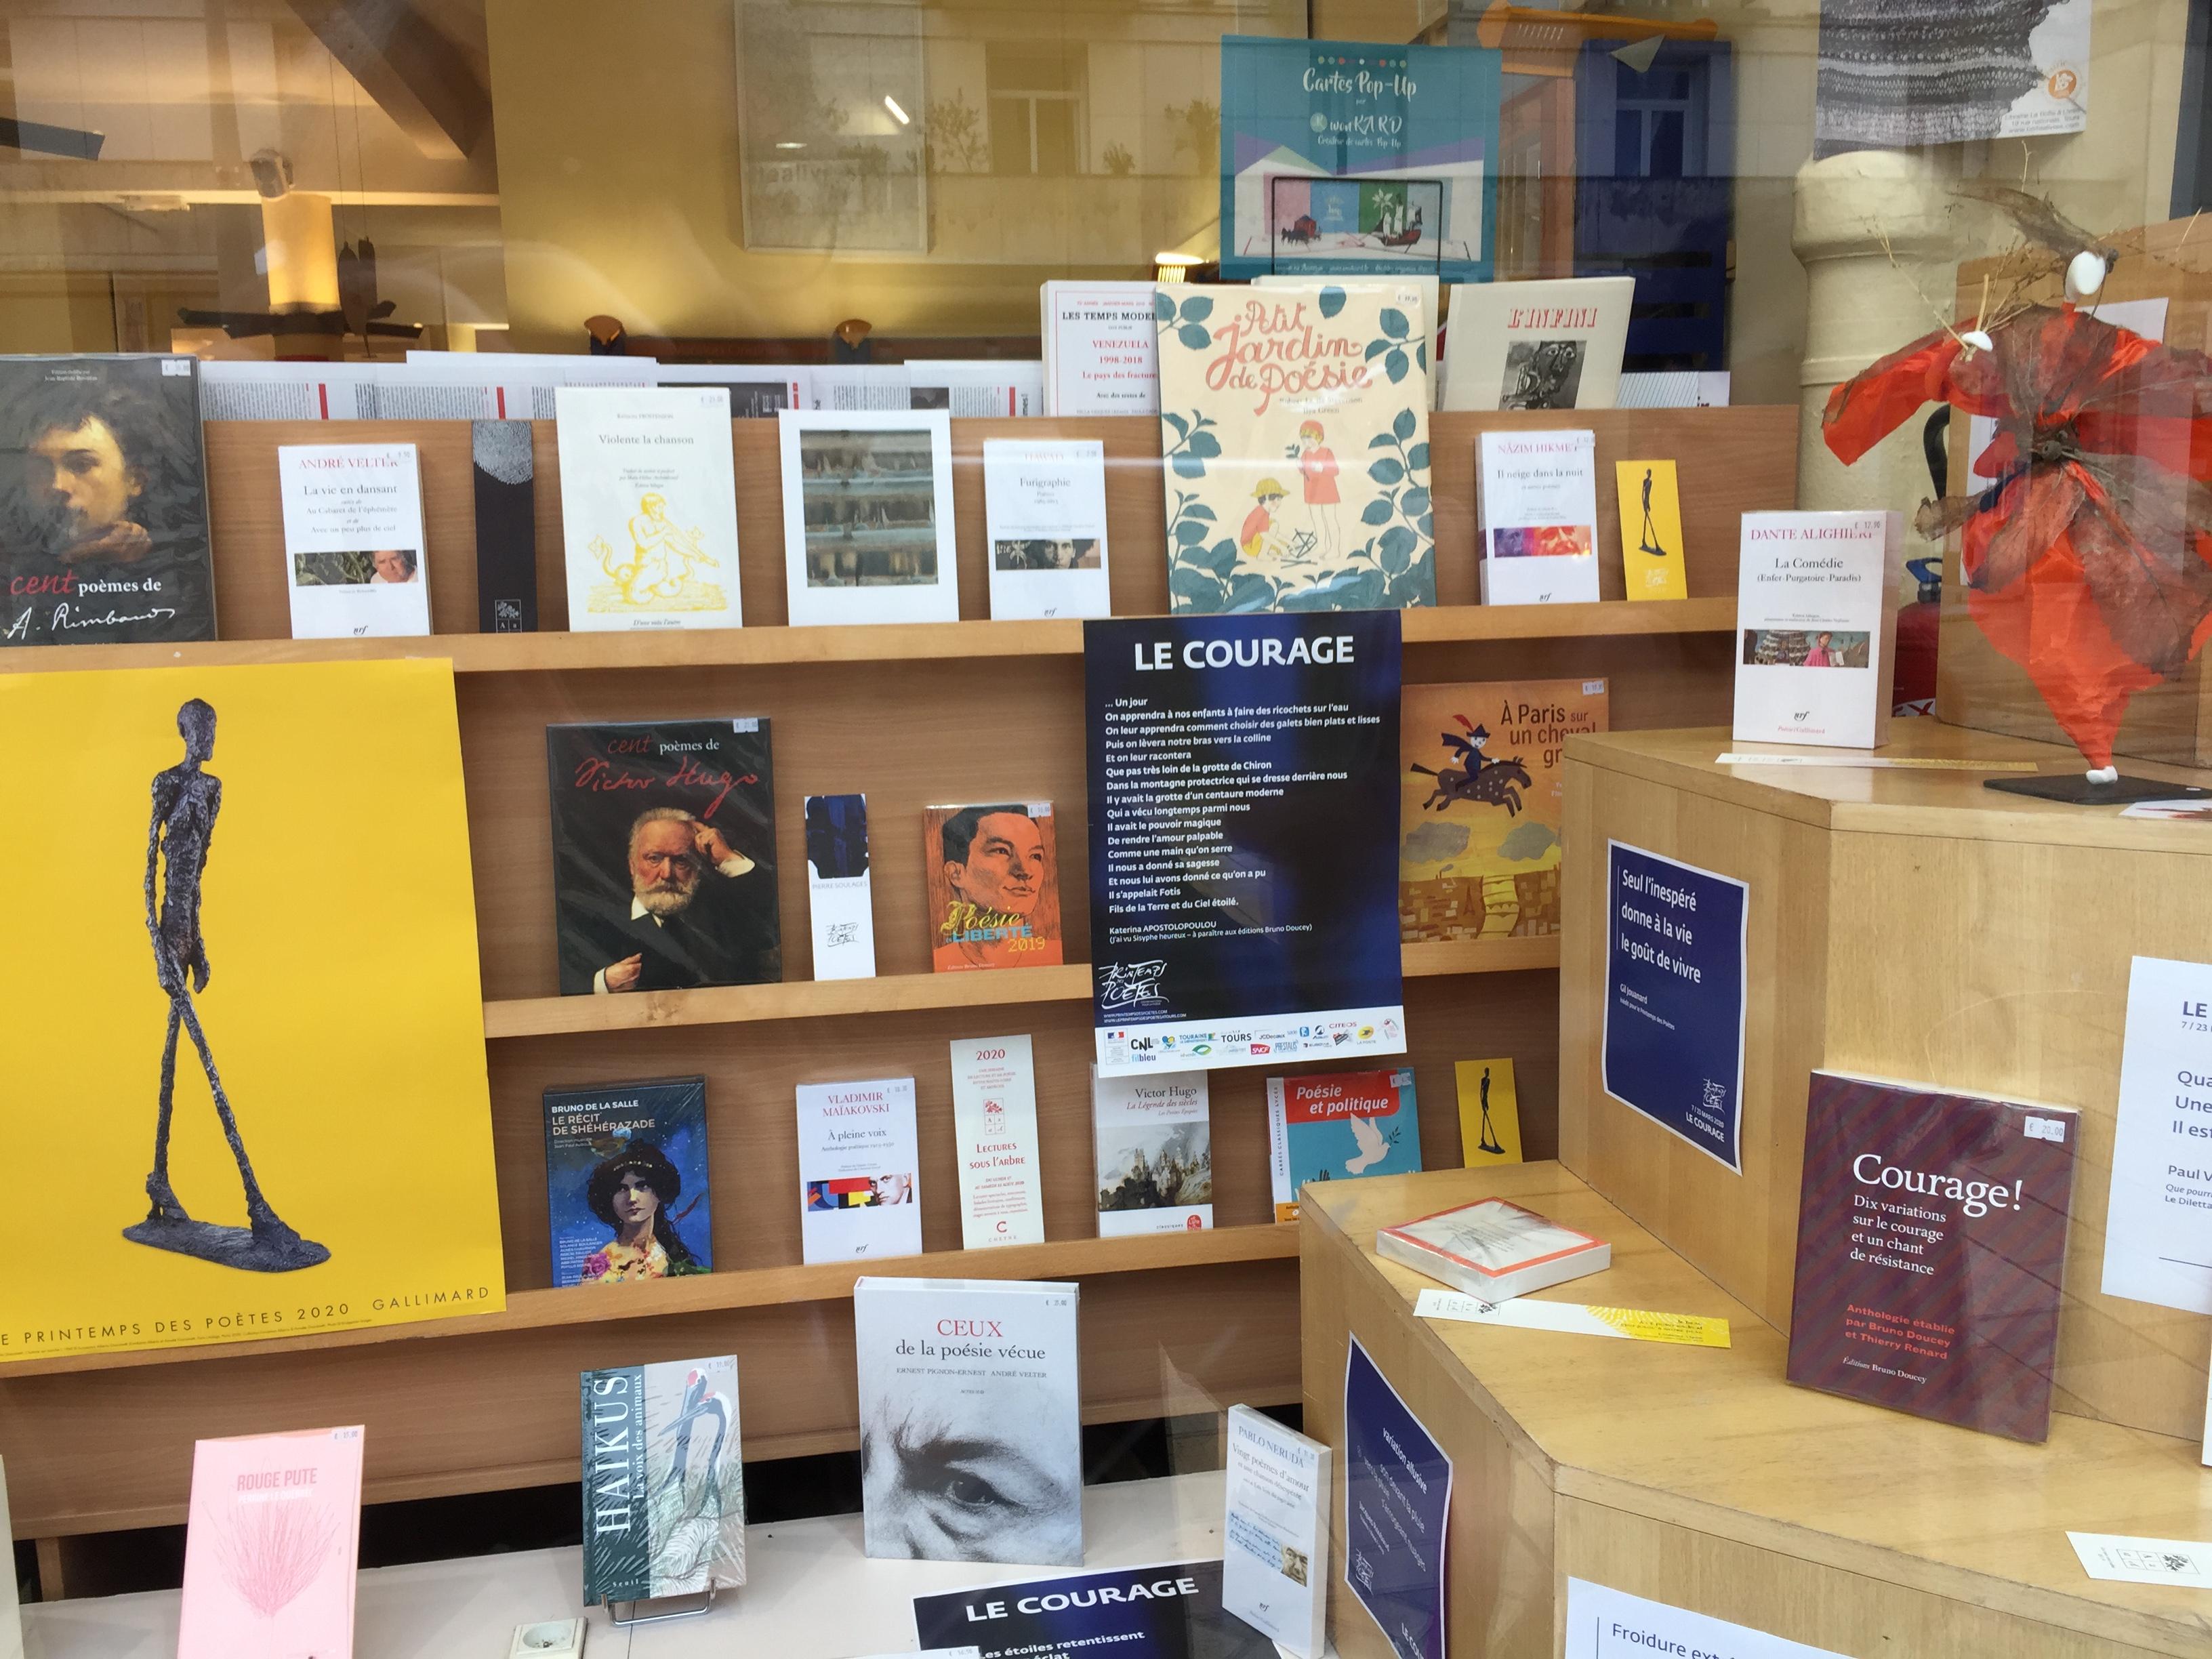 La Boîte à Livres à Tours pour le printemps des poètes